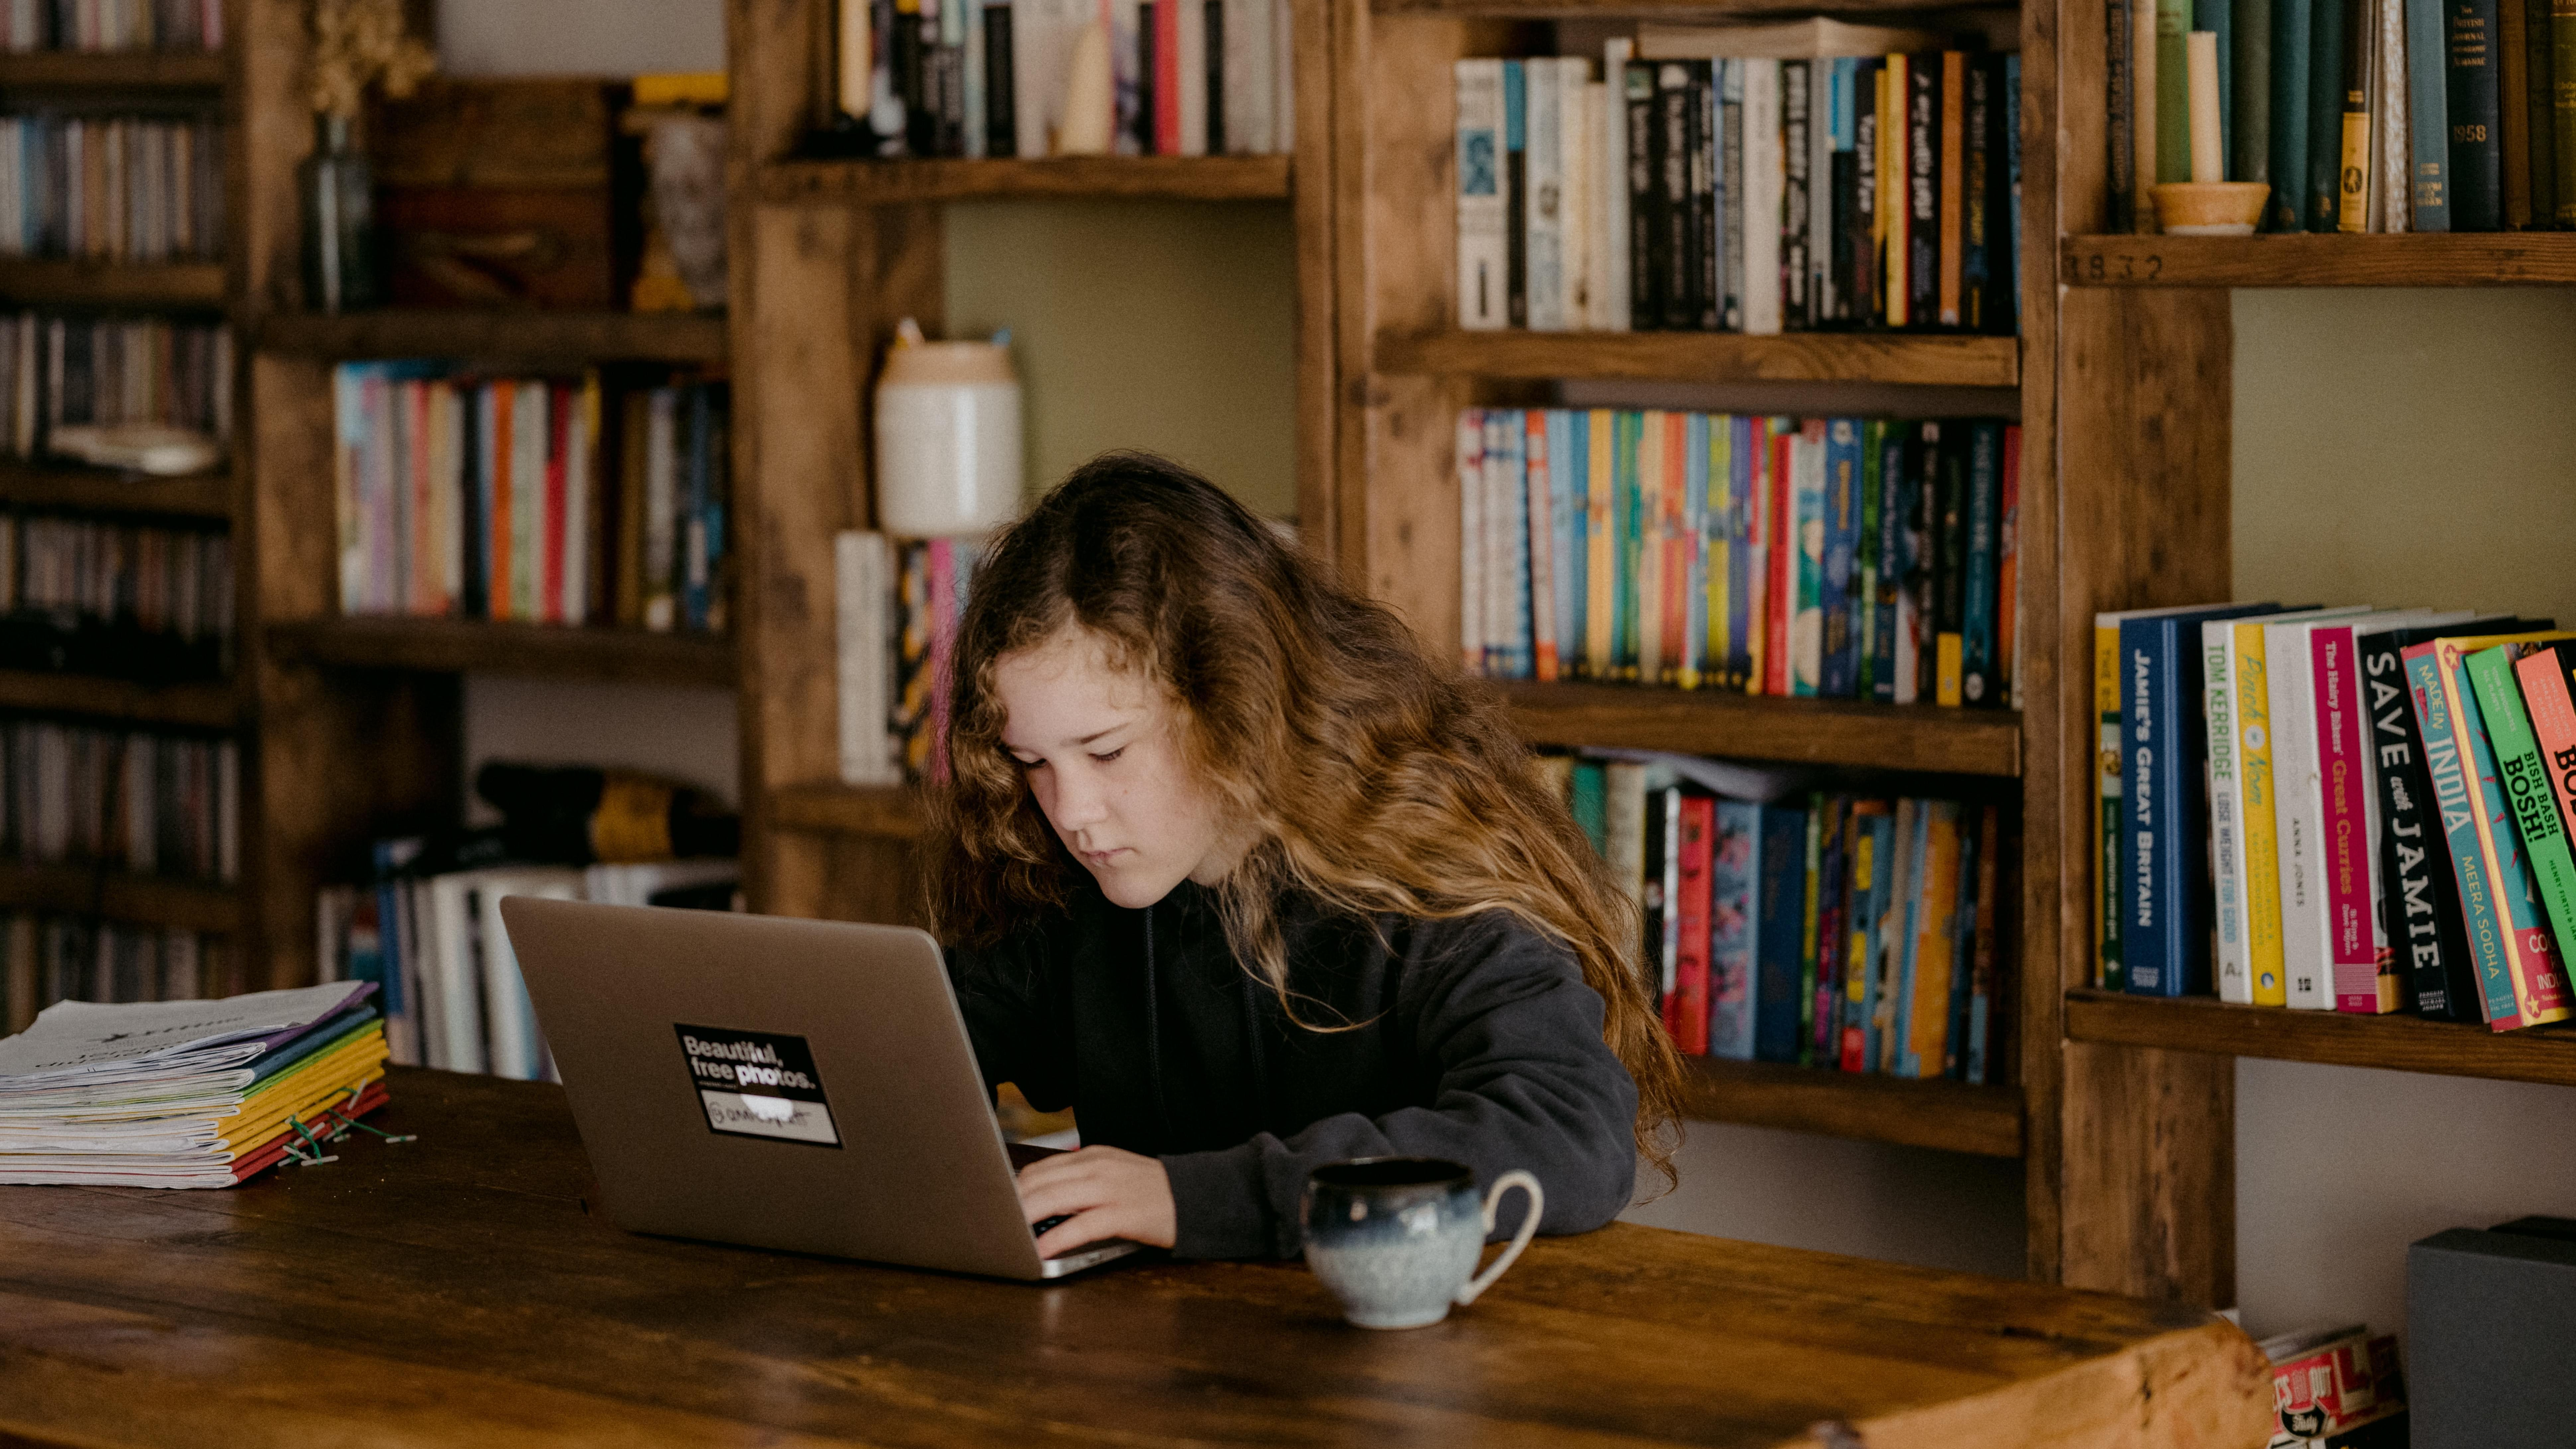 Für die Schüler*innen war die Online-Veranstaltung ein Ausflug in die Zukunft.